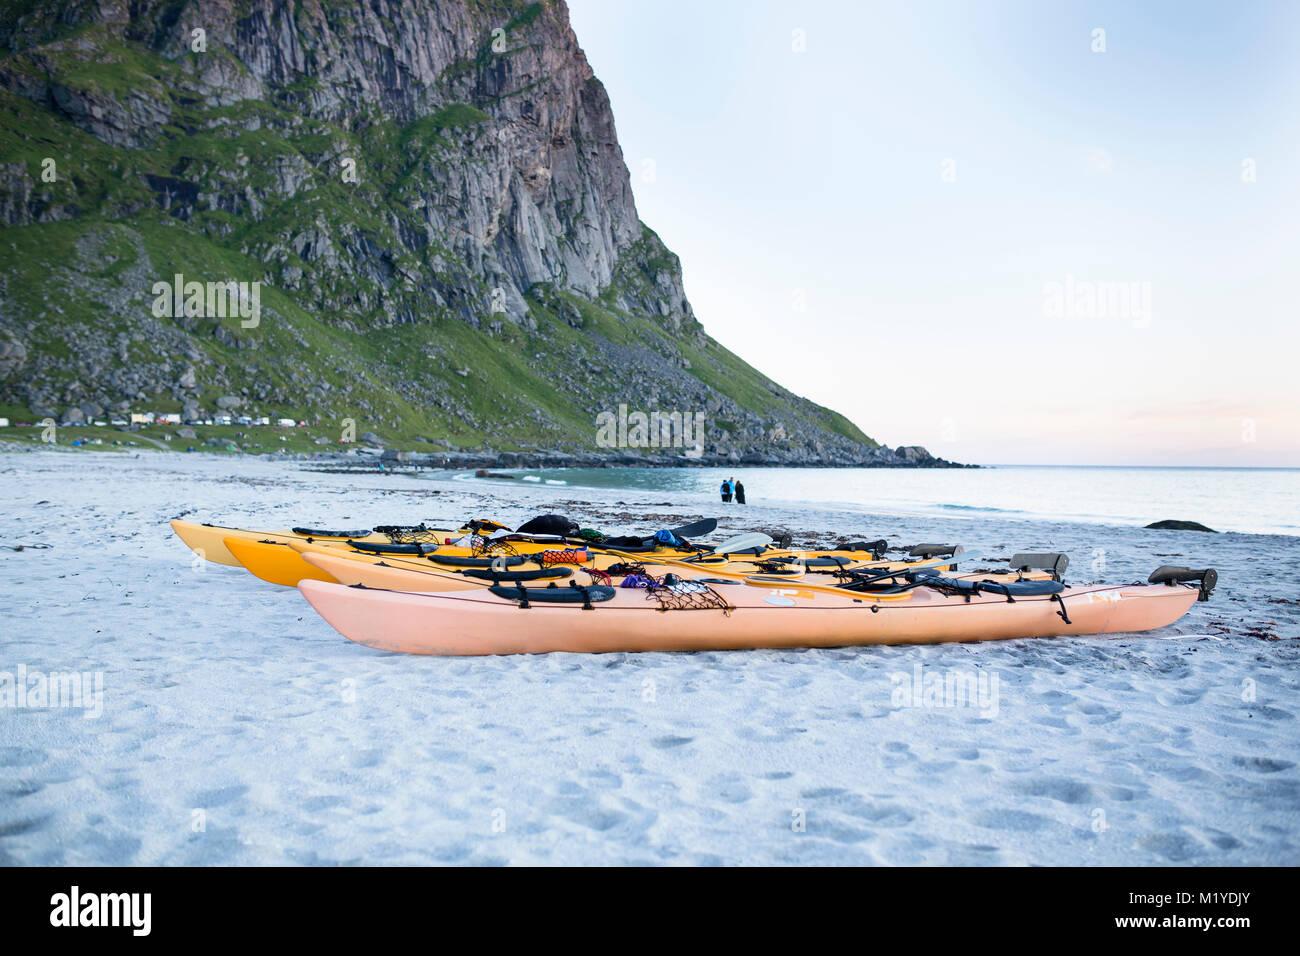 Cinque kayak nella sabbia in spiaggia un po' dall'oceano a Isole Lofoten in Norvegia. Foto Stock